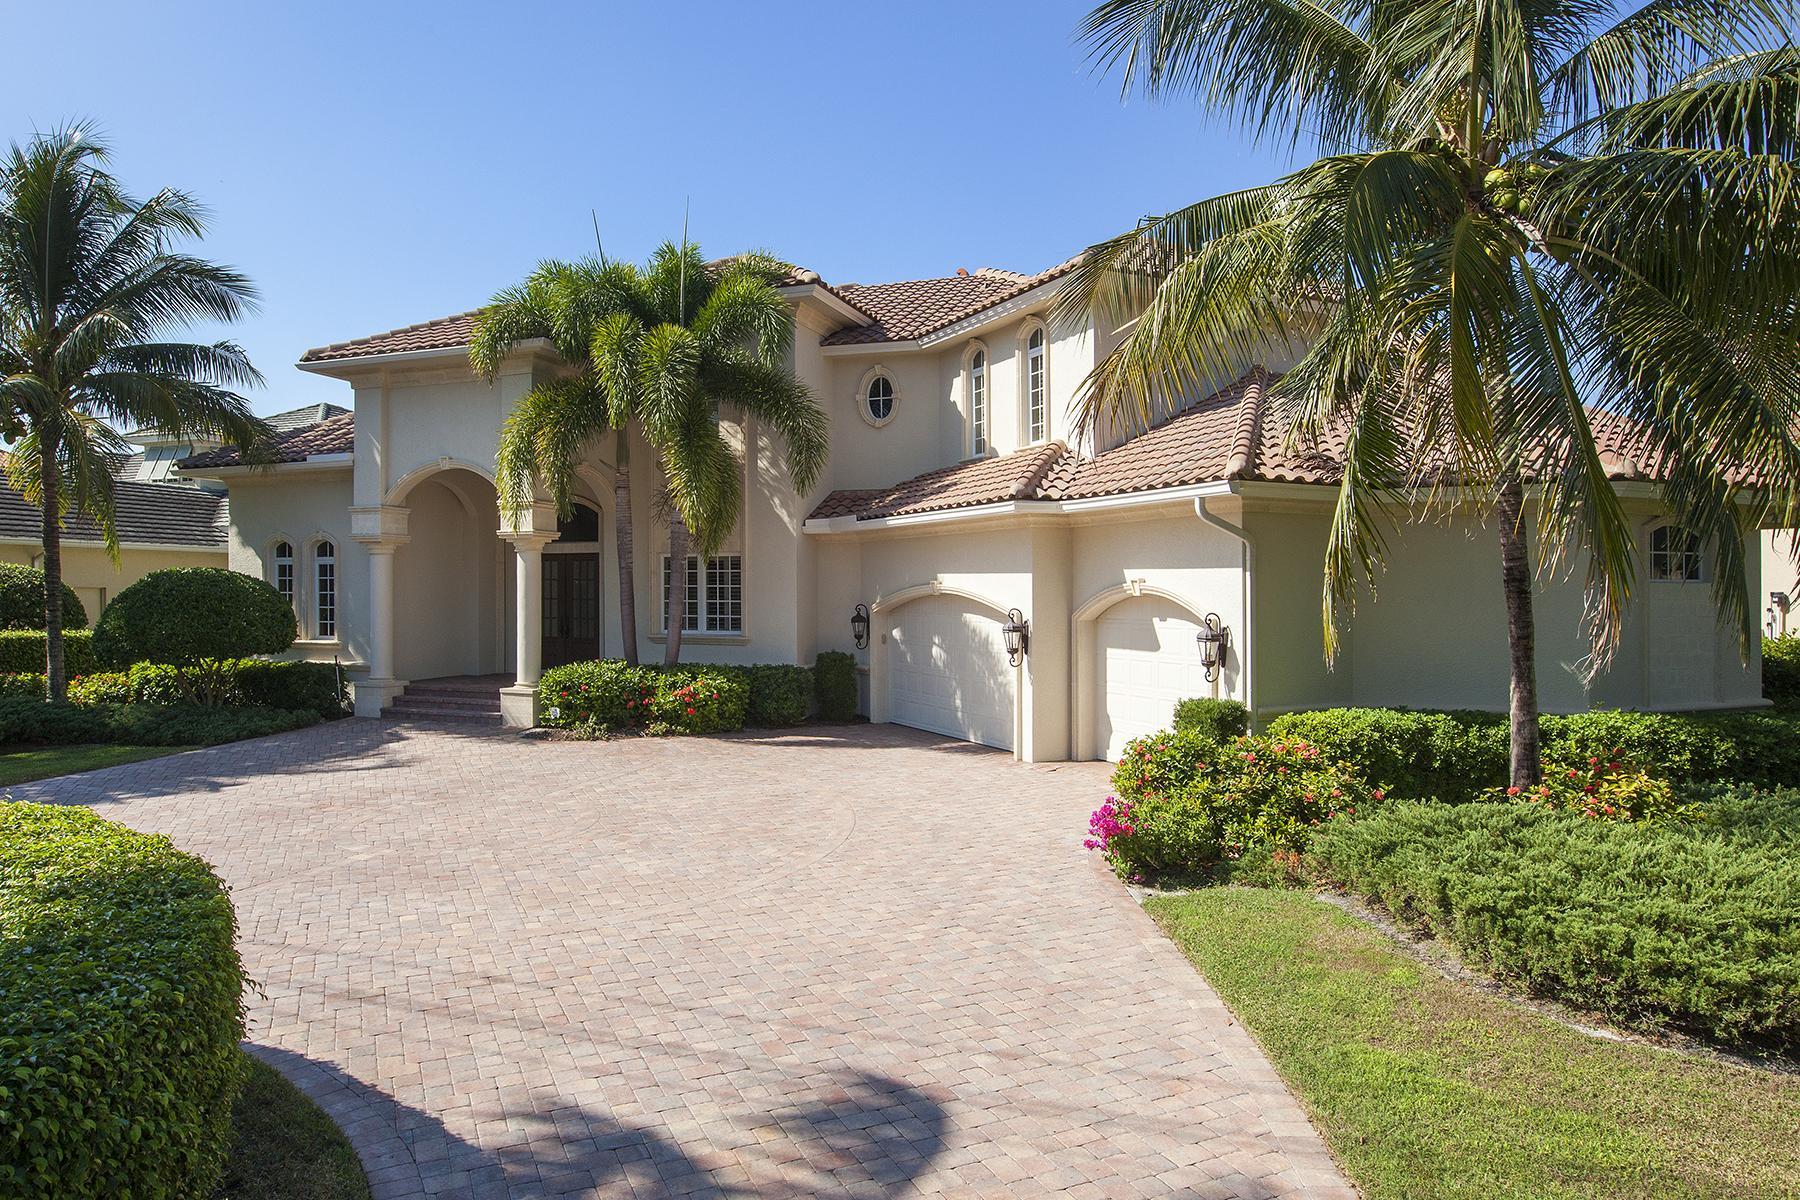 独户住宅 为 销售 在 MOORINGS 1831 Crayton Rd 那不勒斯, 佛罗里达州, 34102 美国